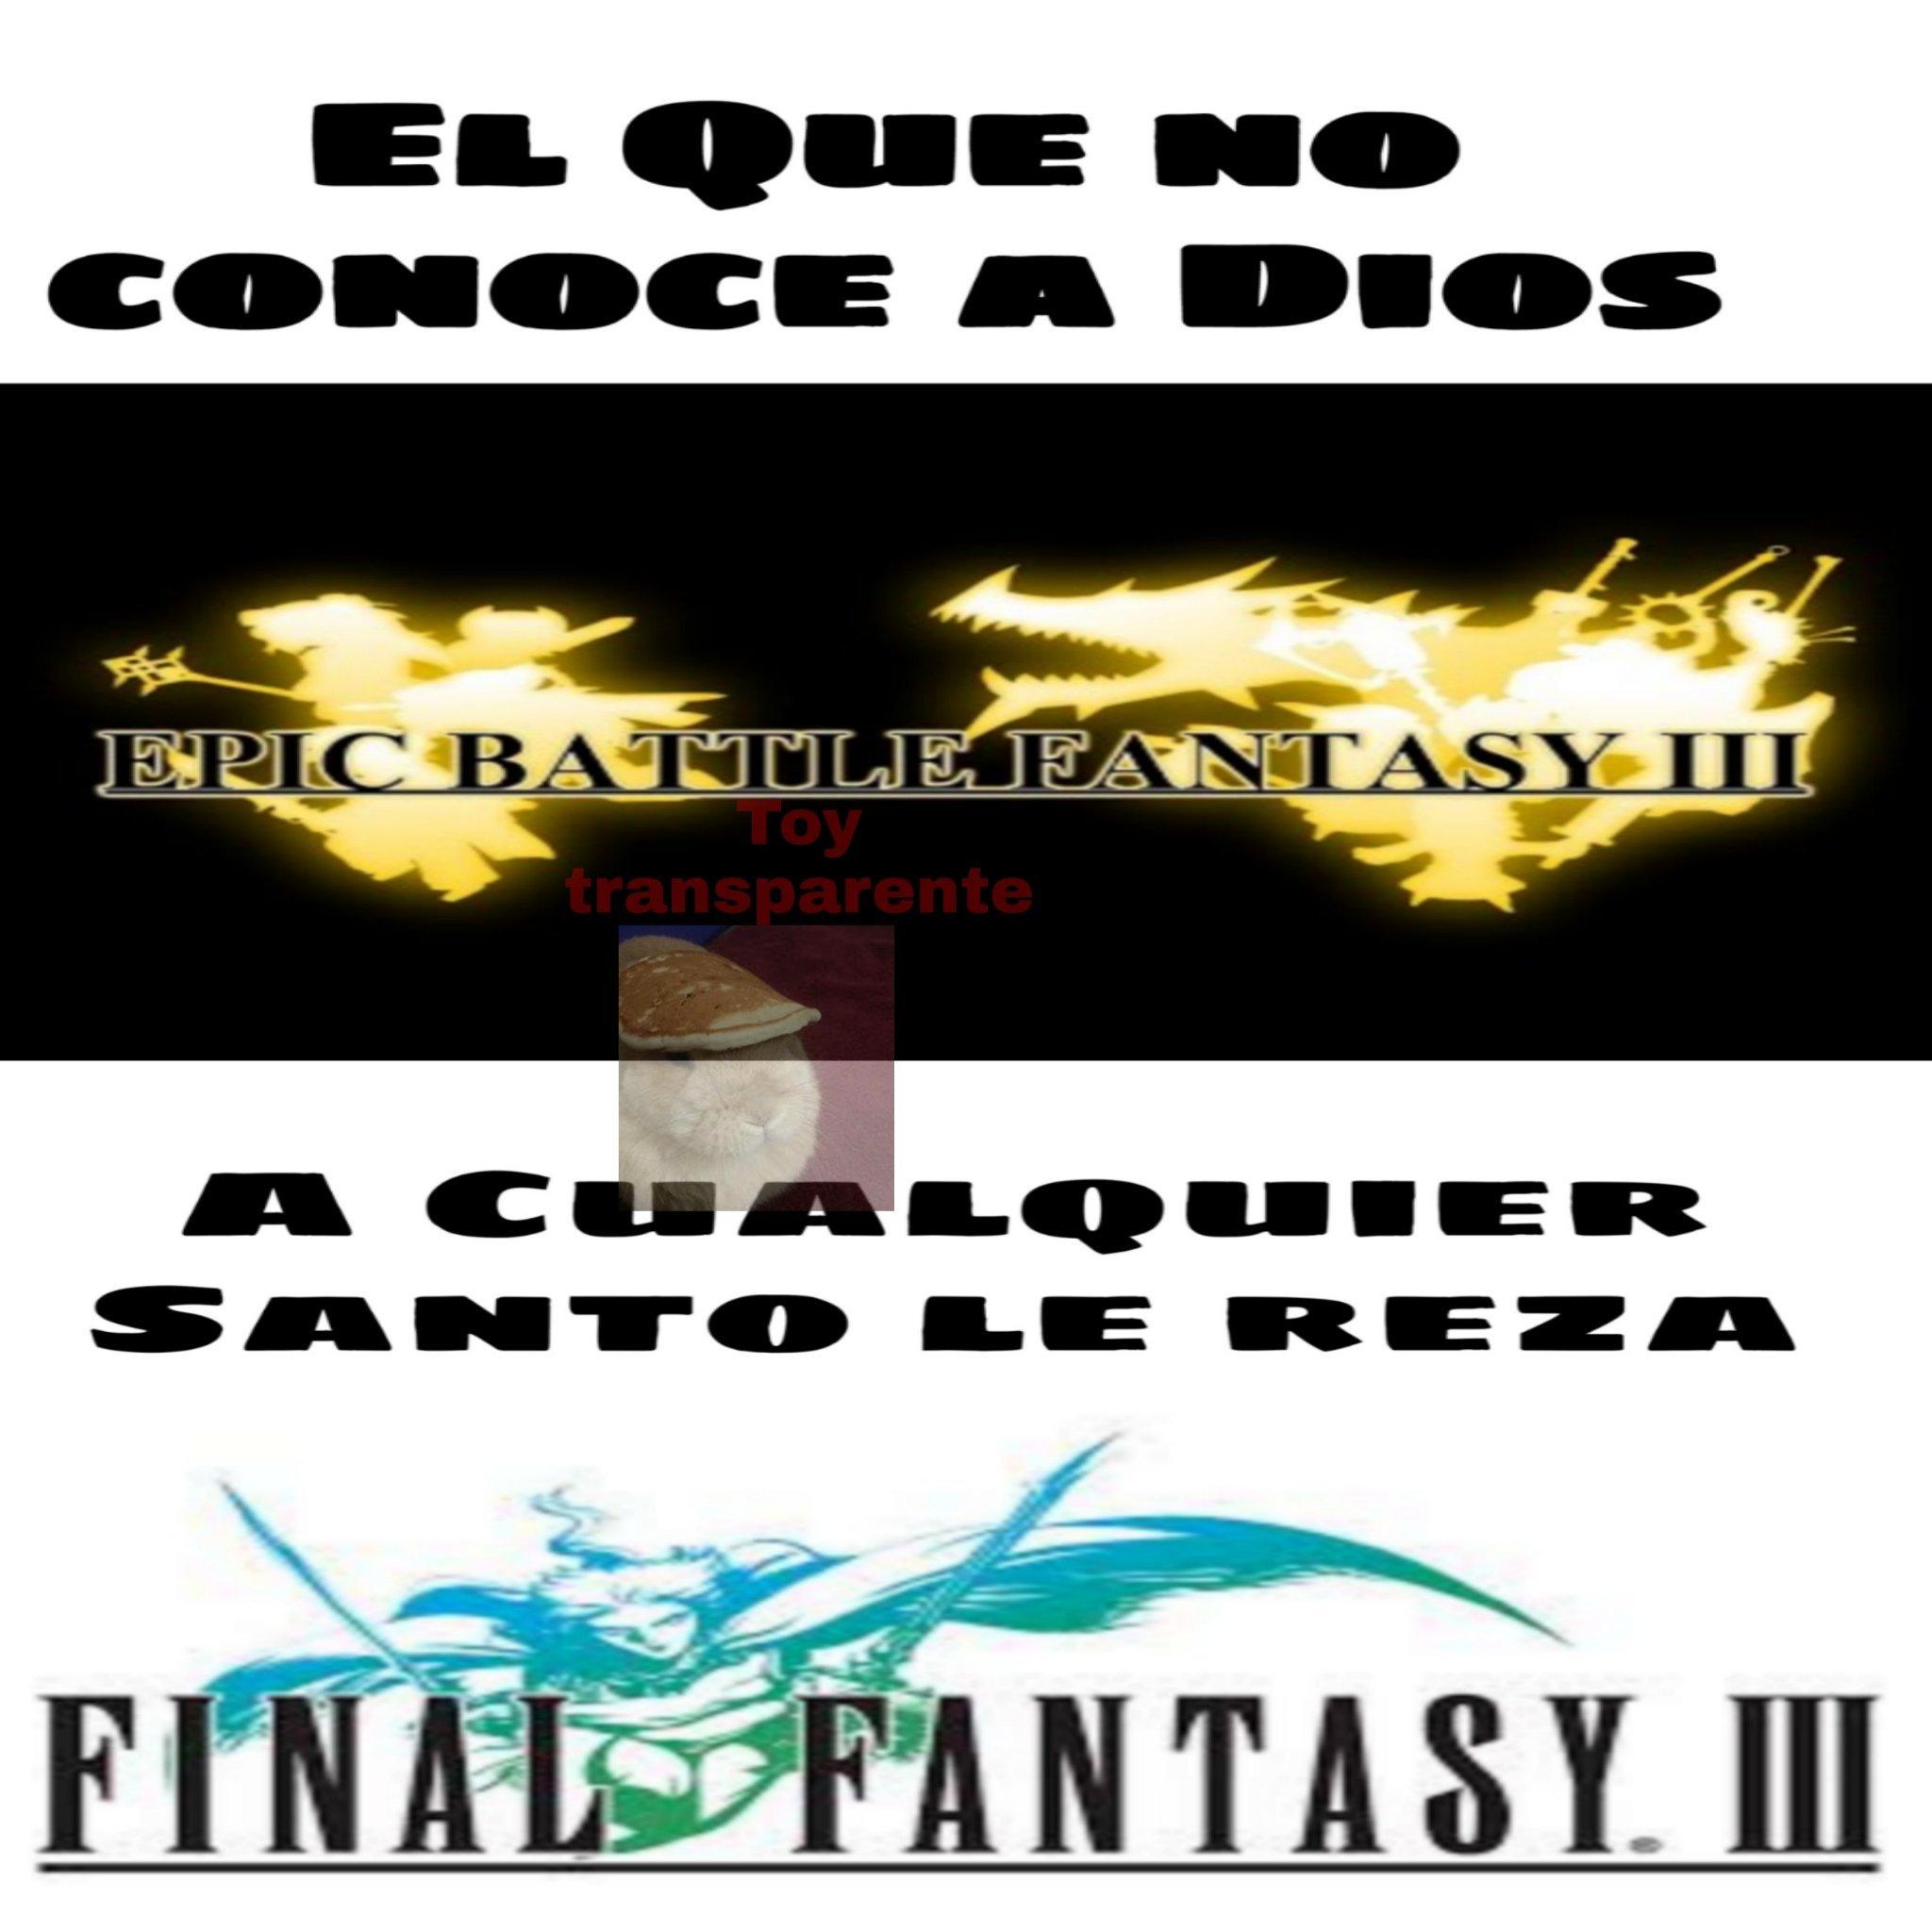 Alto juego el EBF3 - meme